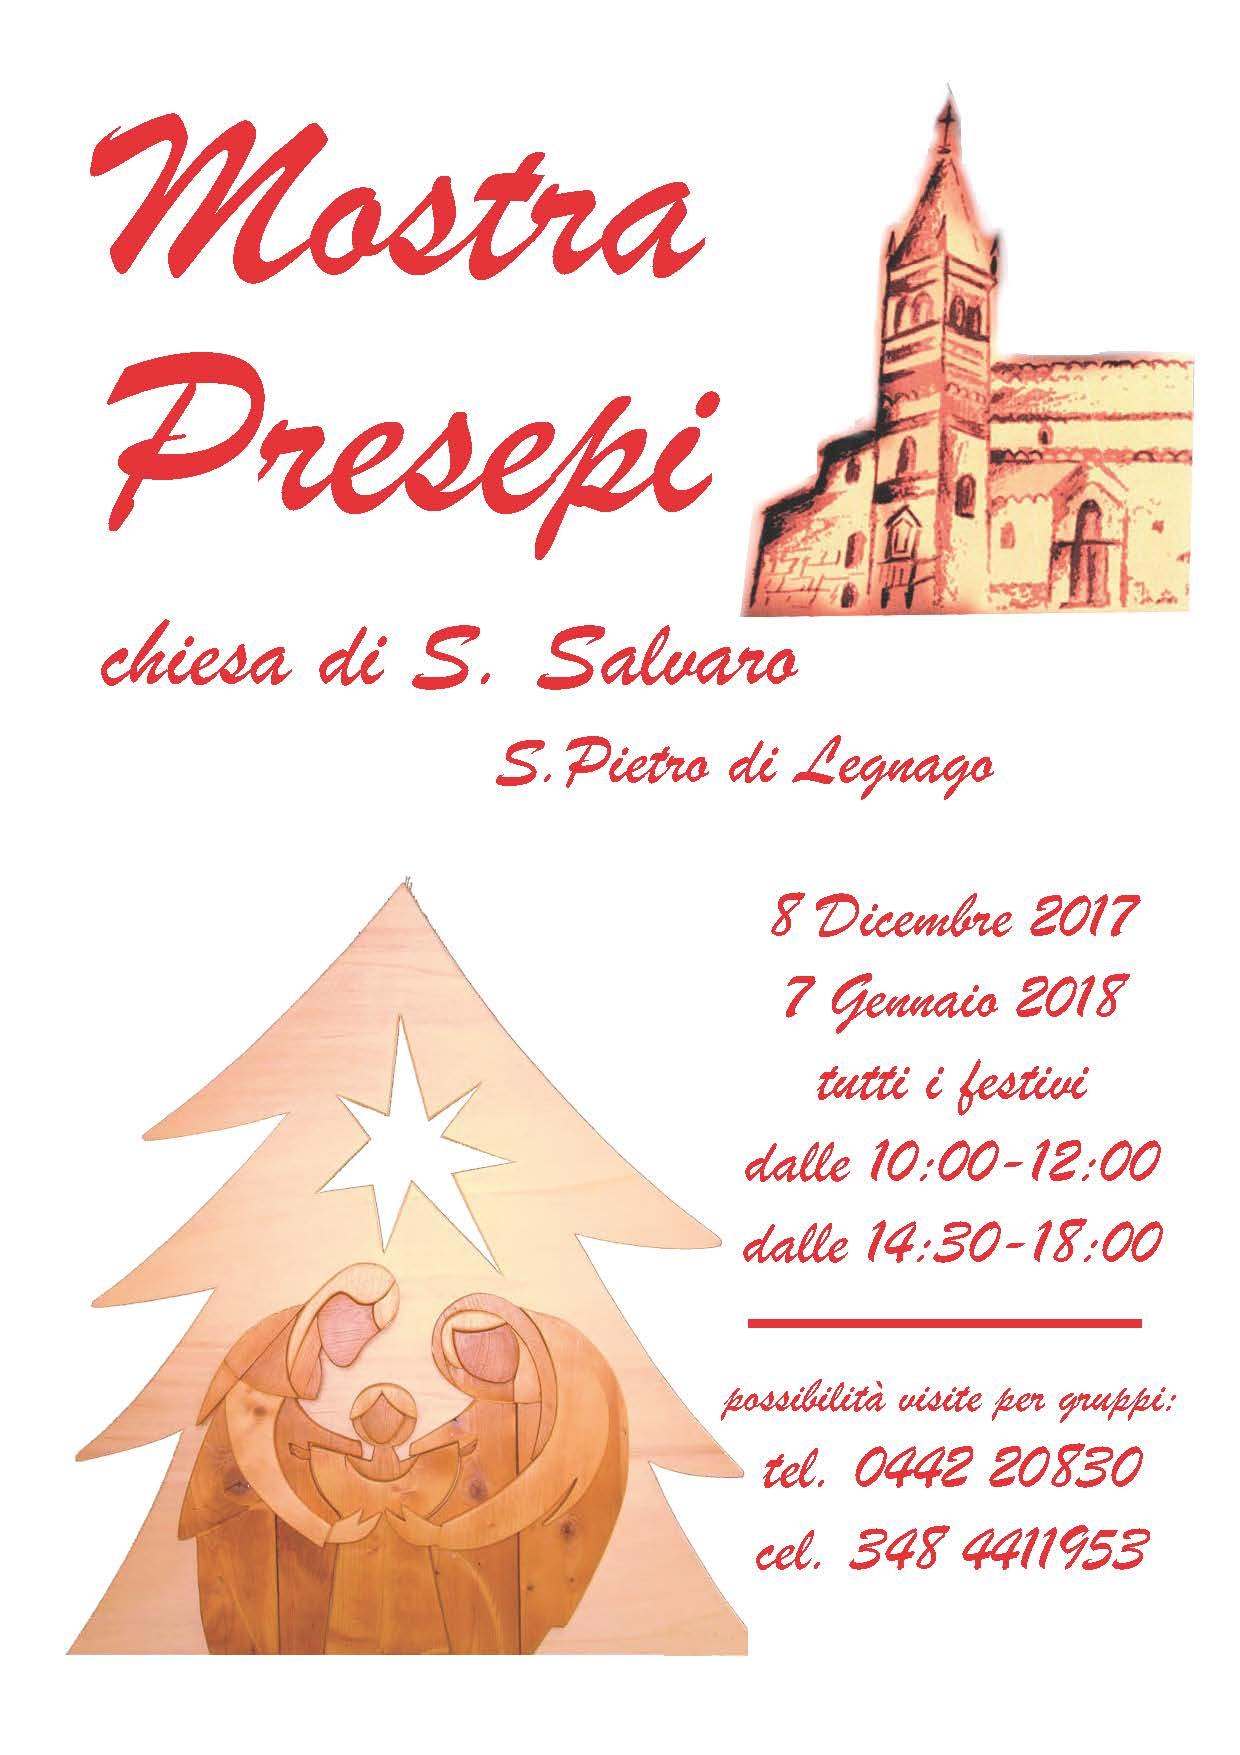 San Pietro Di Legnago Verona storia archivi - parrocchia di san pietro di legnago